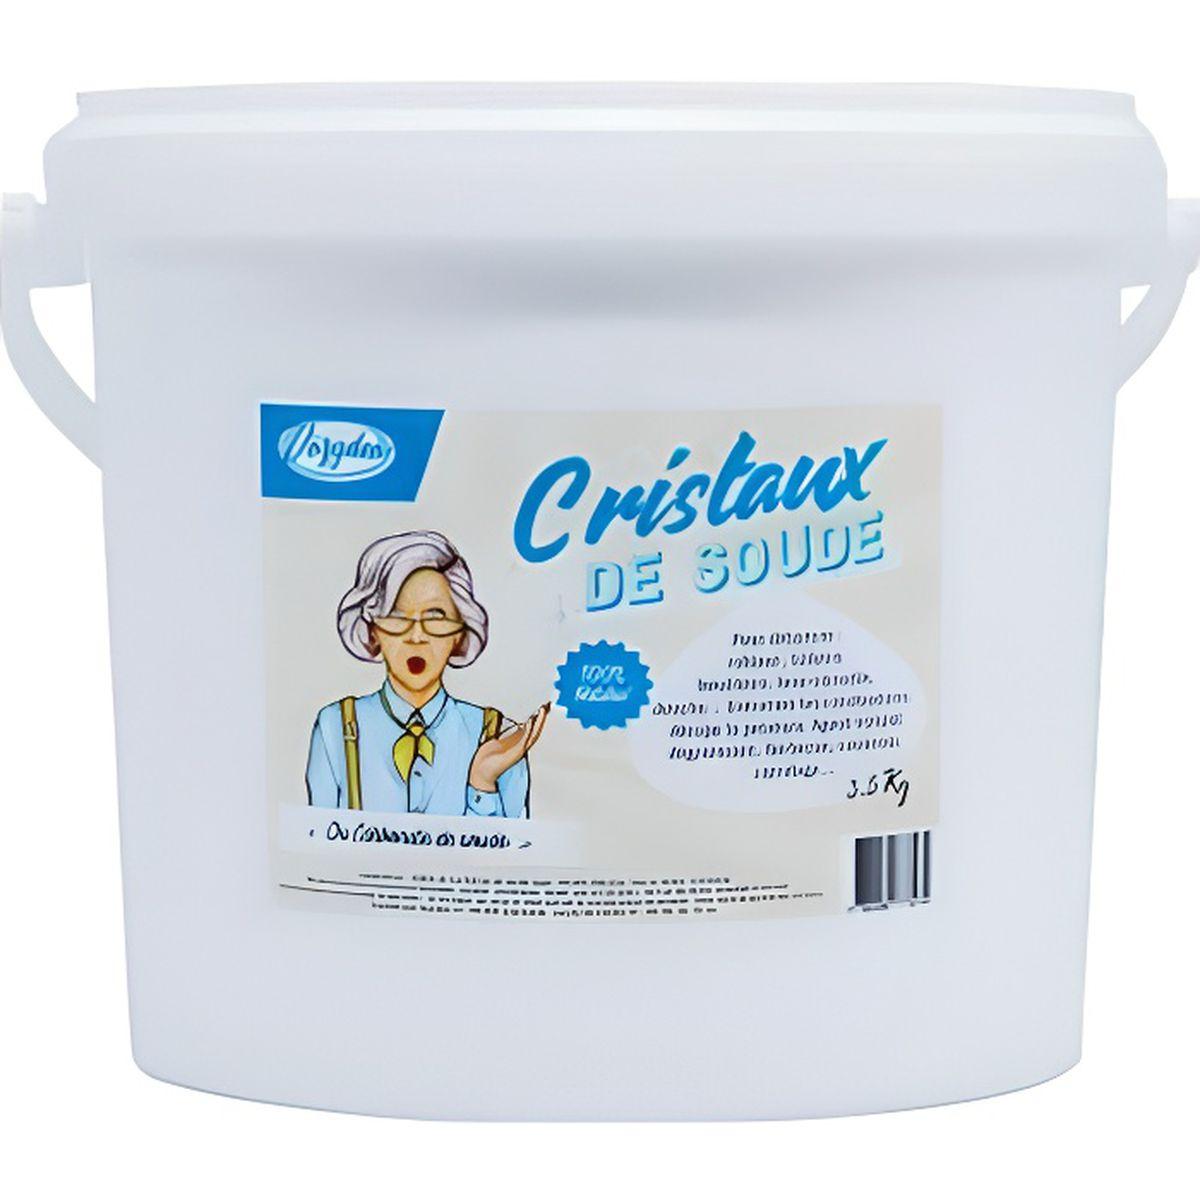 Cristaux De Soude Nettoyage cristaux de soude 3.5kg, nettoie, dégraisse, détartre, blanchit & adoucit  l'eau- guide d'utilisation offert !